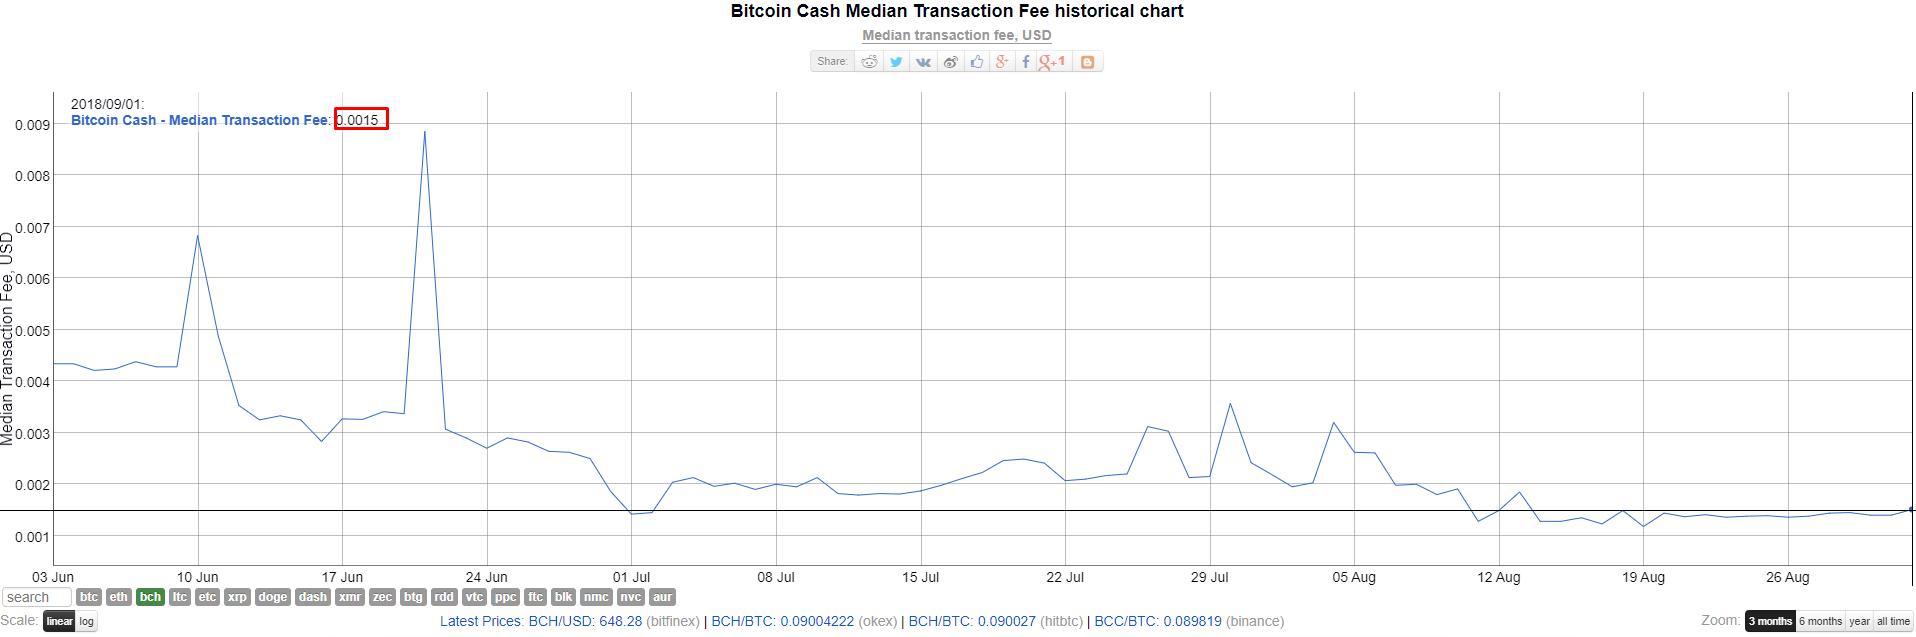 Стресс-тест: сеть Bitcoin Cash обработала за сутки 2 млн транзакций